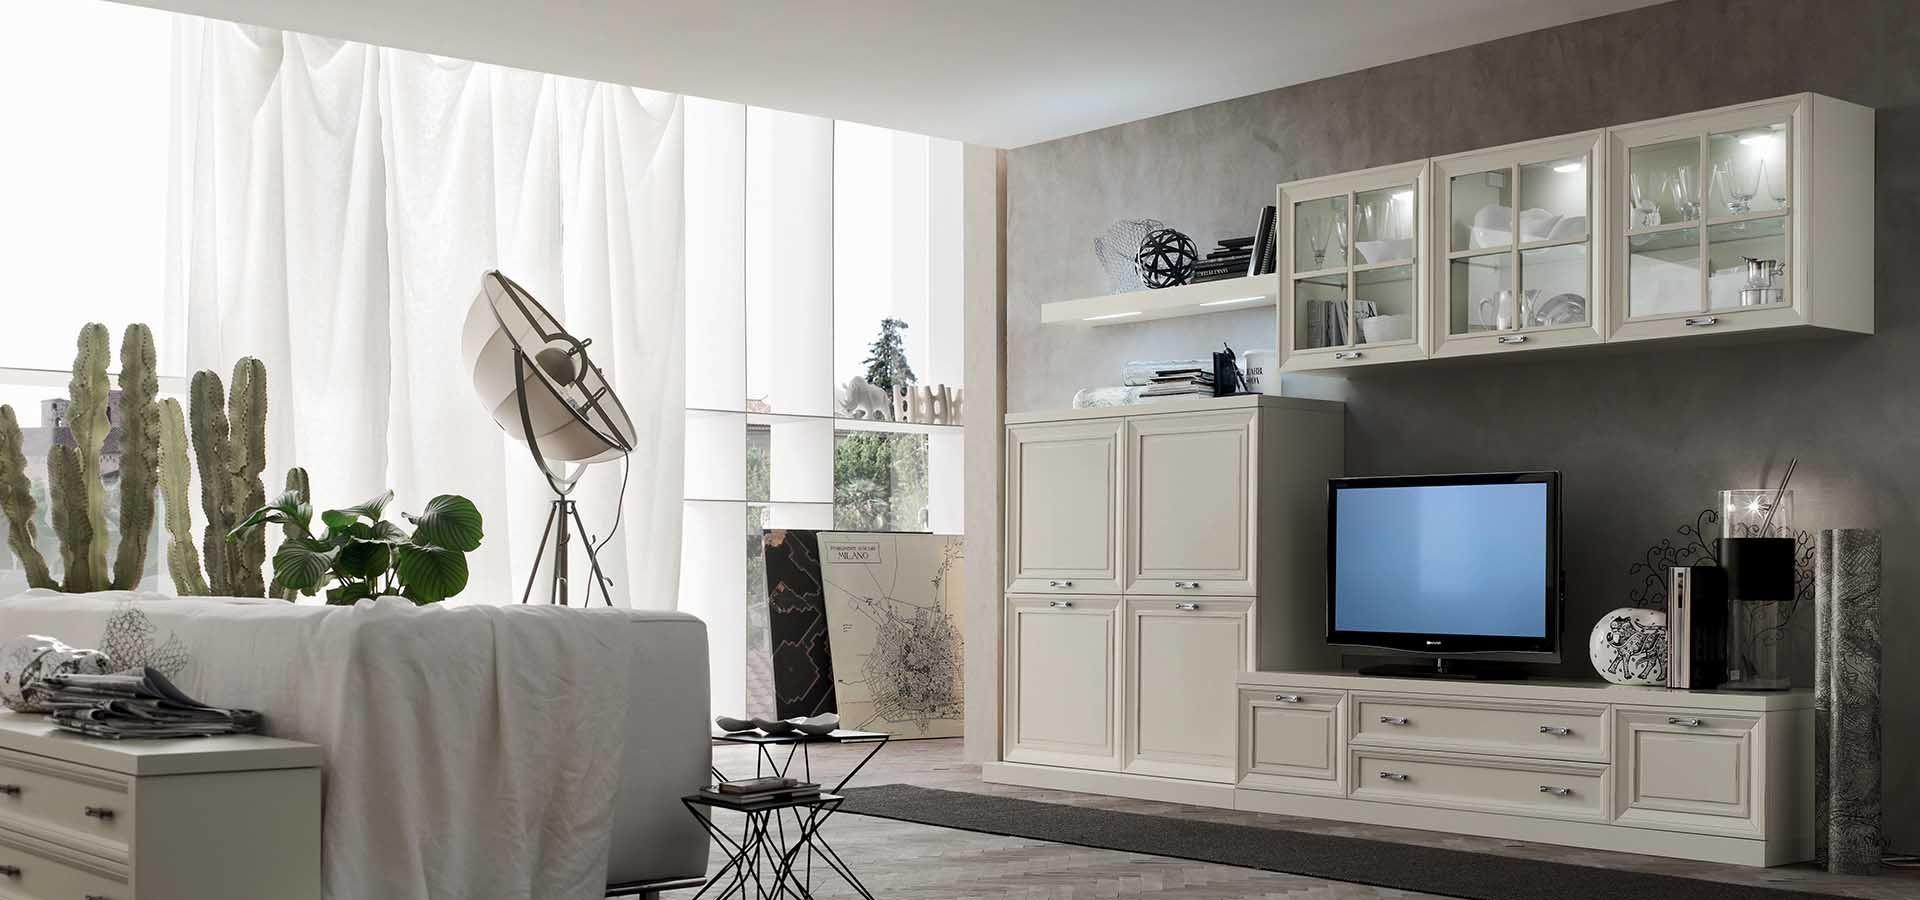 Mobili soggiorno classici a padova arredamento soggiorno for Mobili per soggiorno